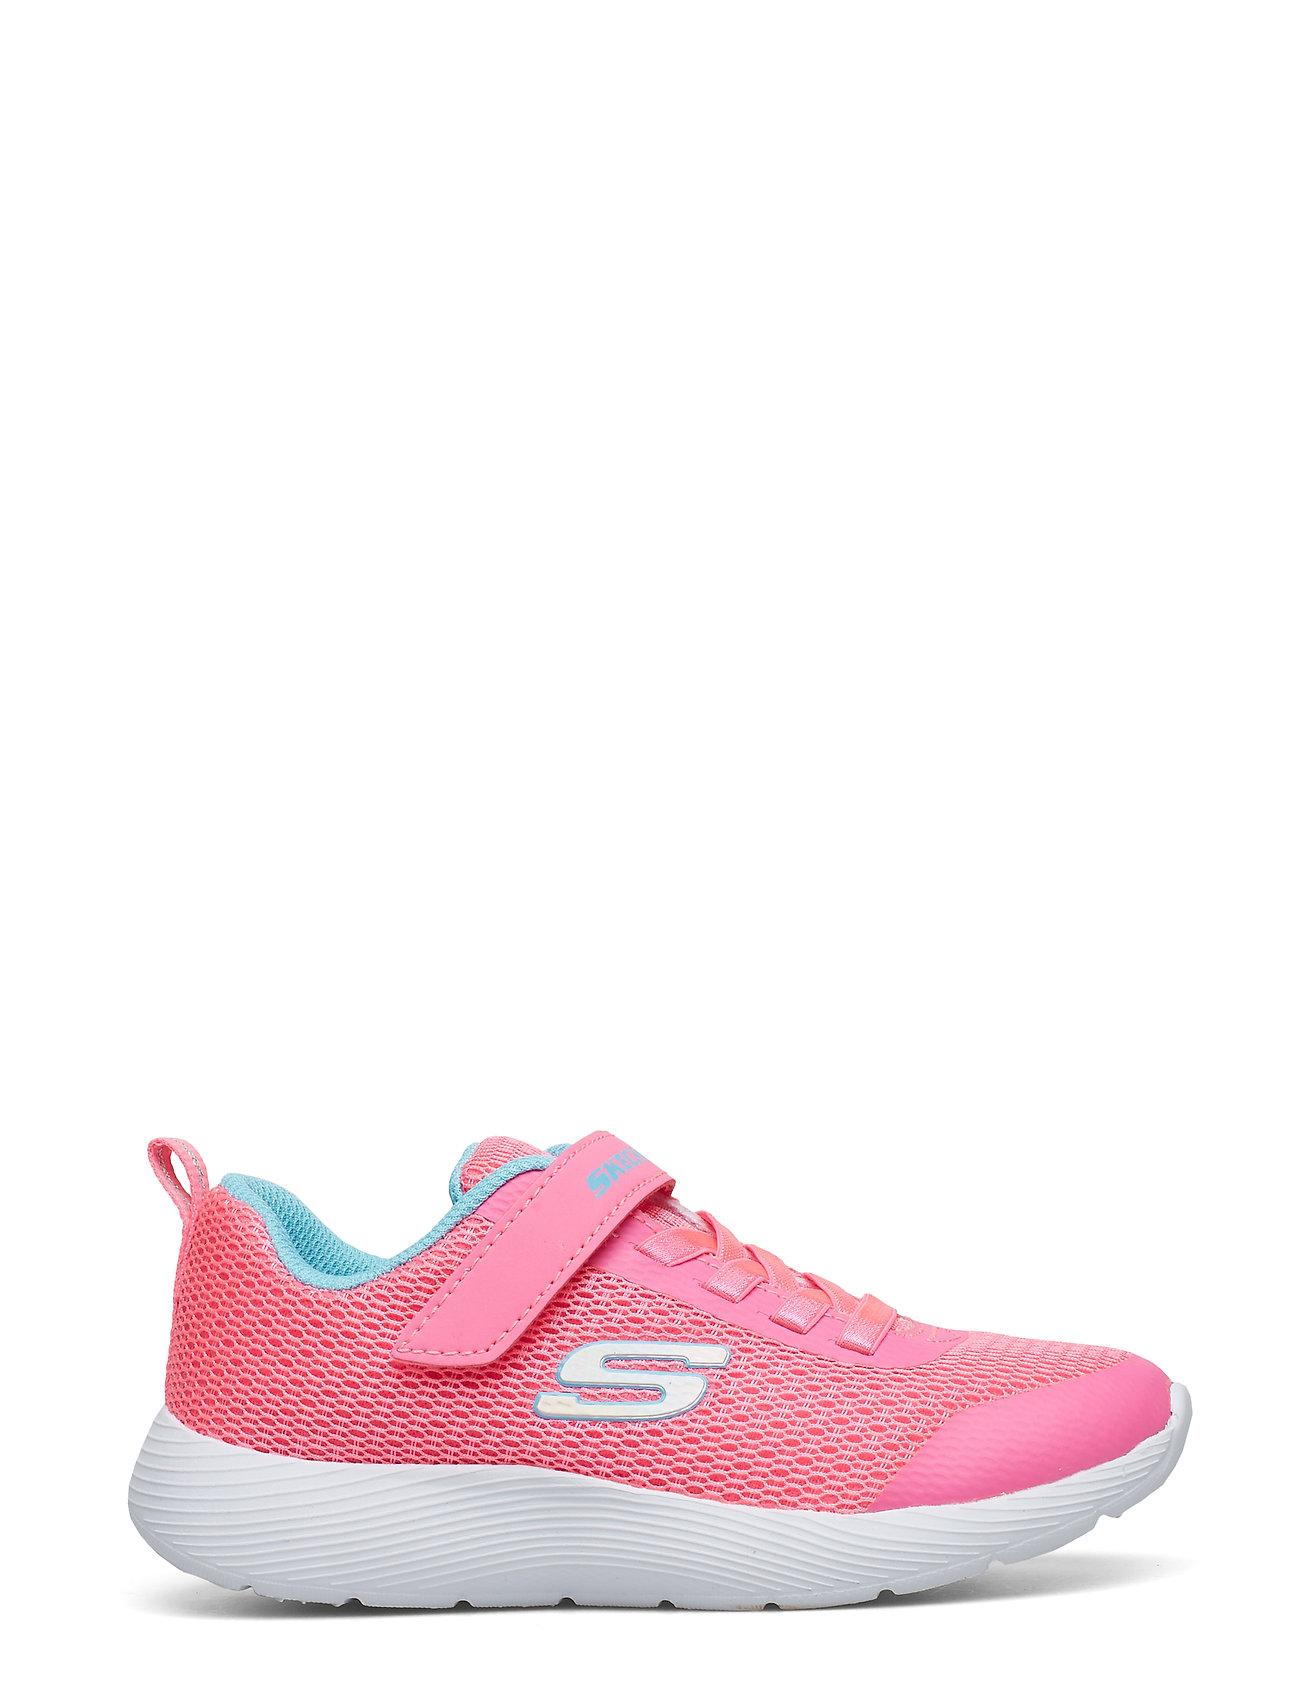 8bdd9934d53 Girls Dyna-Lite sneakers fra Skechers til børn i NPBL NEON PINK BLUE ...